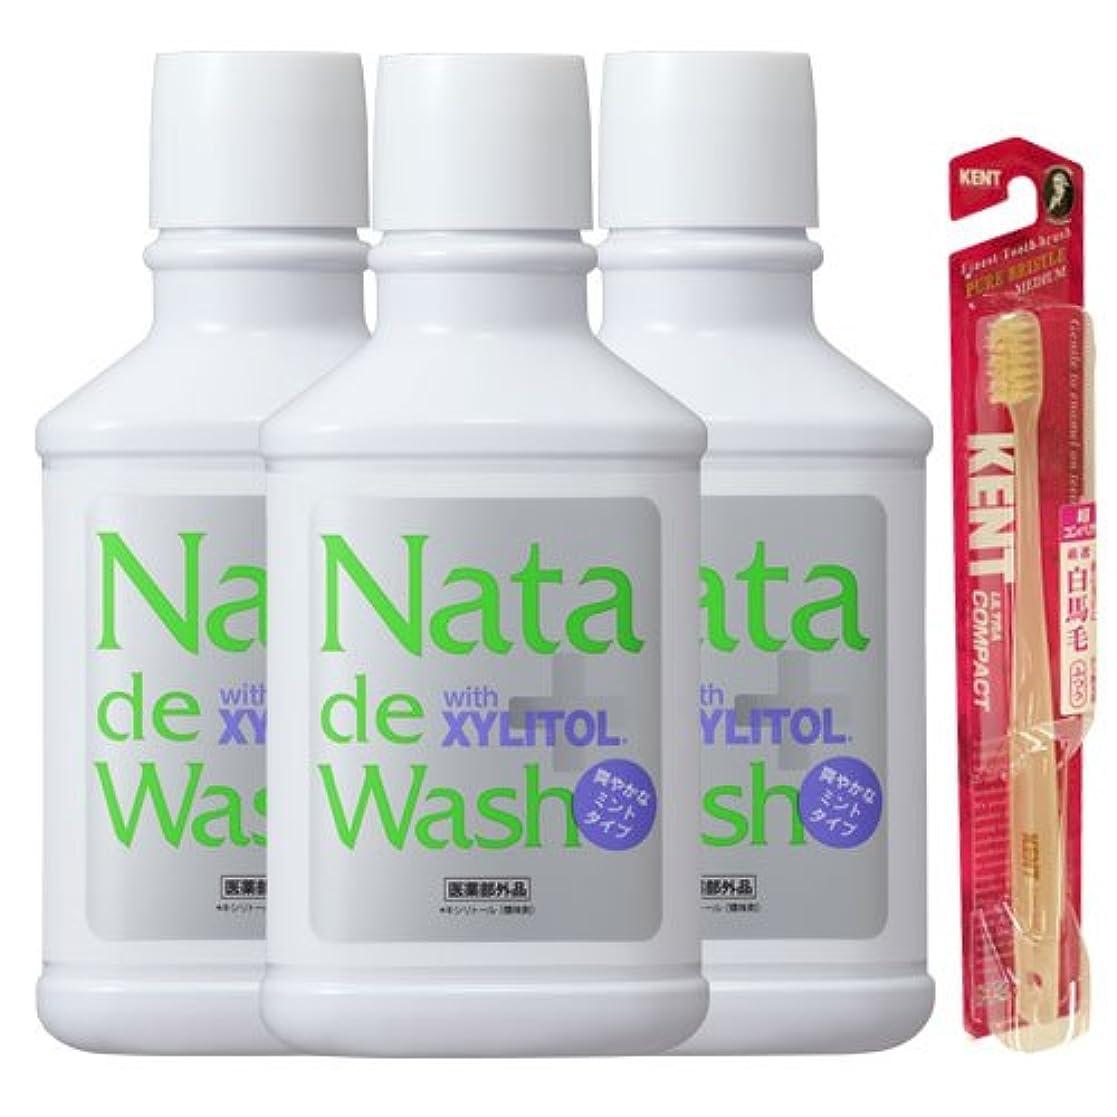 カスタム強化する大声で薬用ナタデウォッシュ 爽やかなミントタイプ 500ml 3本& KENT歯ブラシ1本プレゼント